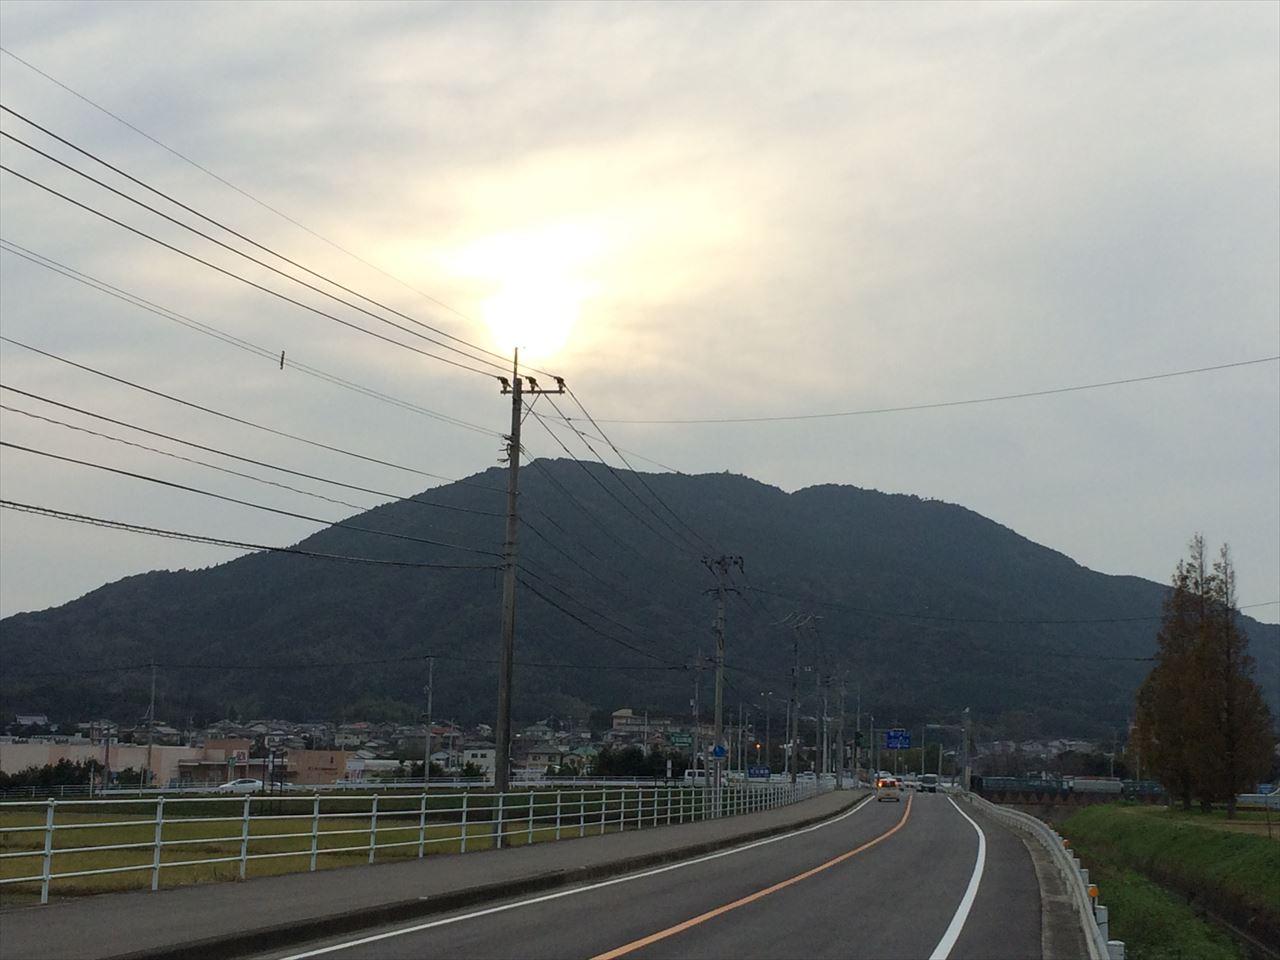 可也山 底抜けに明るい玄界灘のパノラマビュー 日帰り登山(2015.11.22)